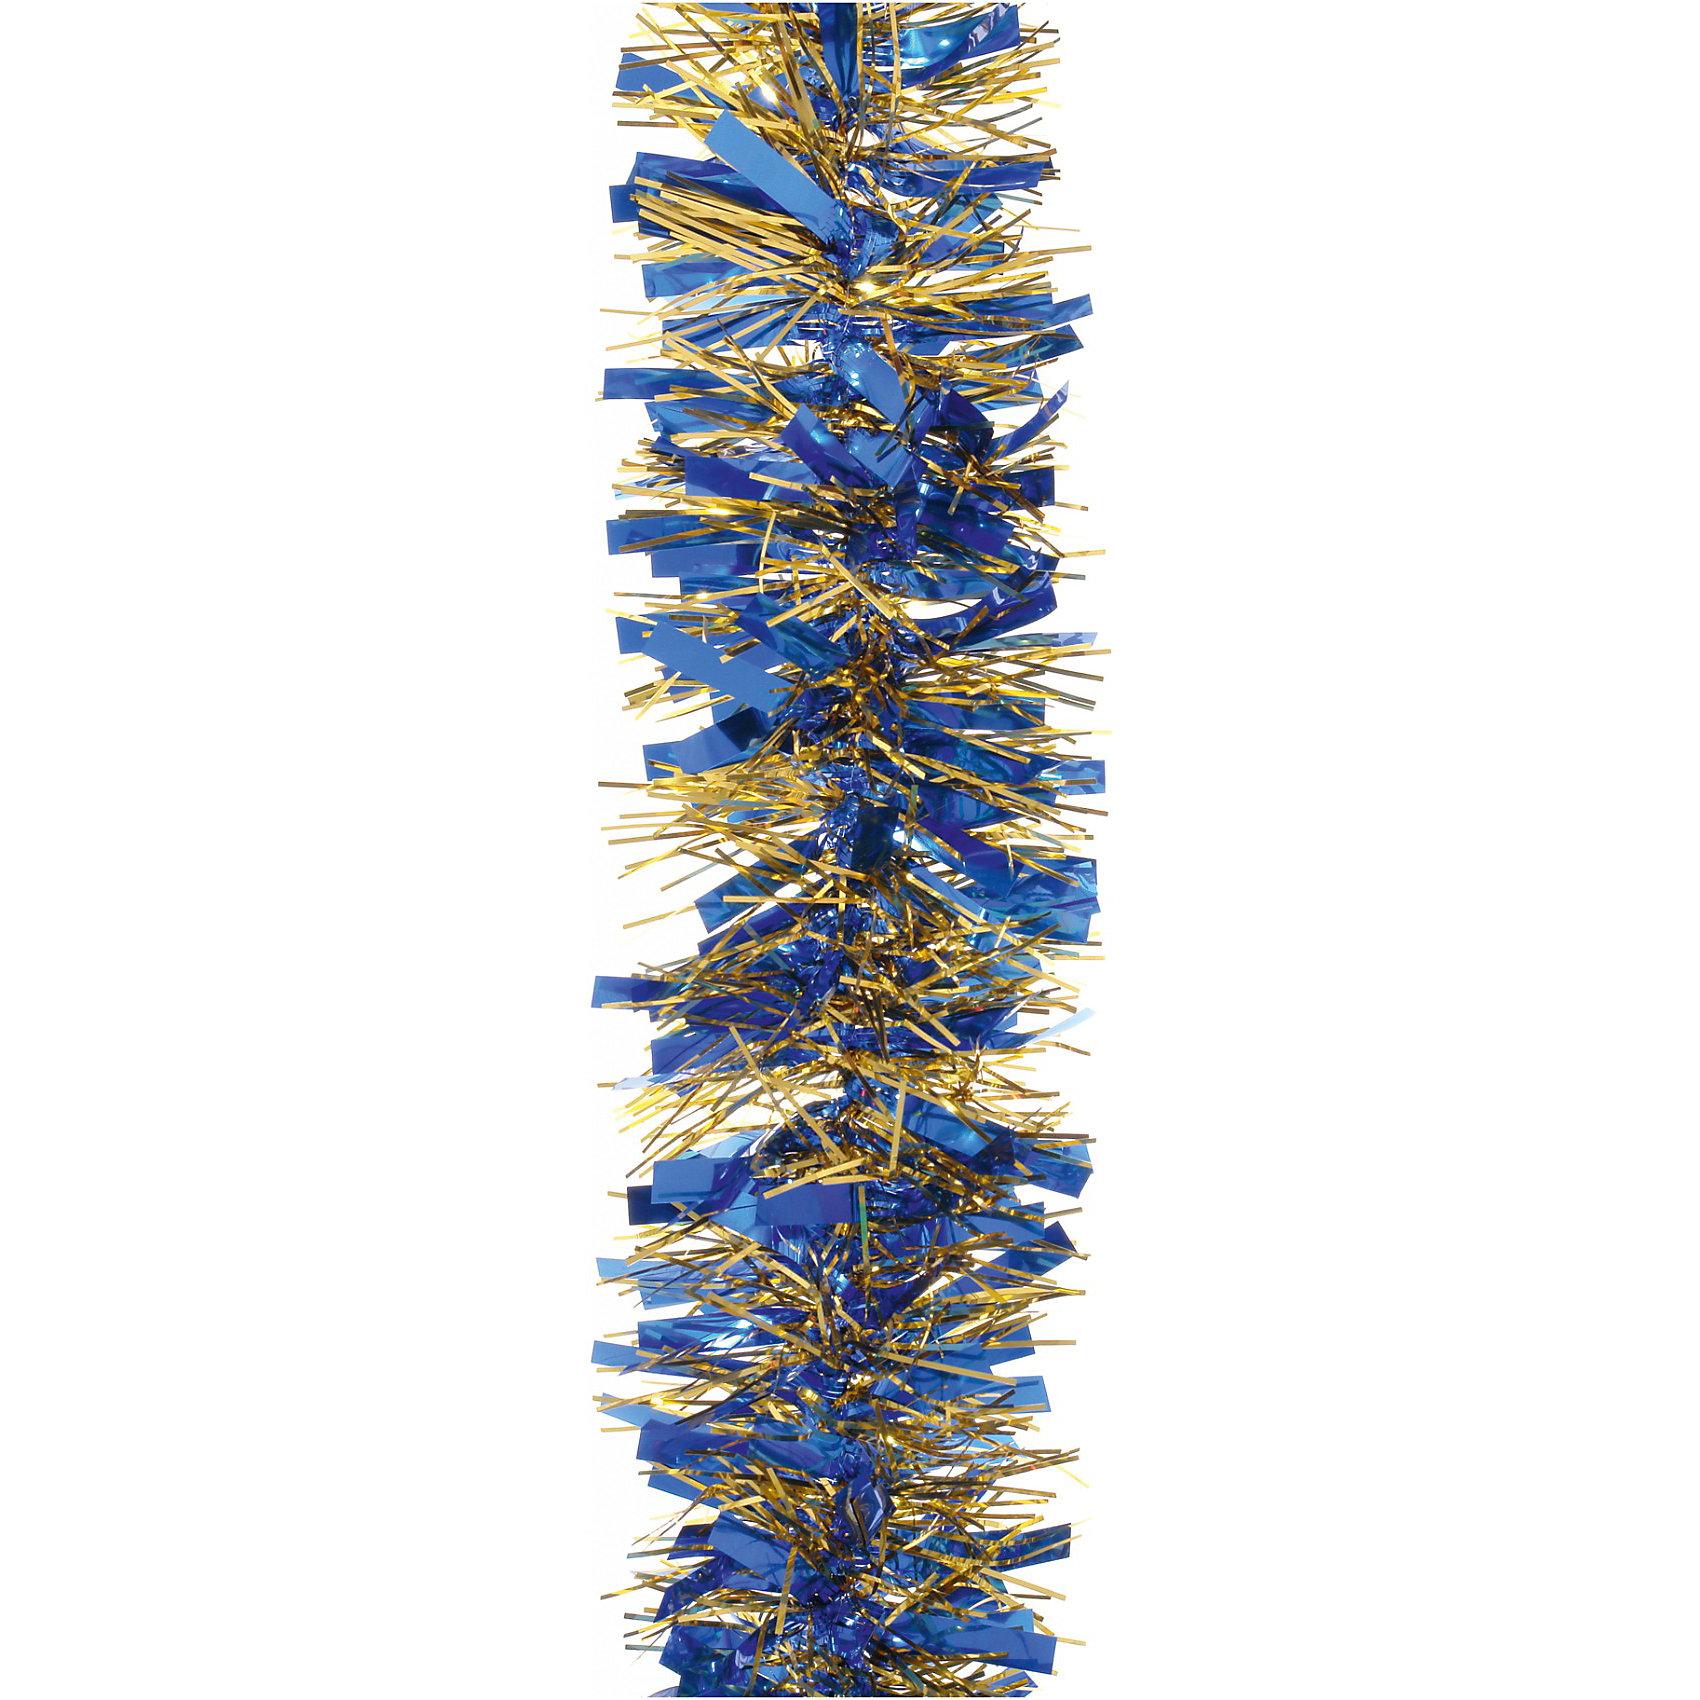 Мишура, 6 слоев, 10 см х 2 м, цвет - синий+золотоВсё для праздника<br>Мишура H-2032, Волшебная страна станет замечательным украшением Вашей новогодней елки или интерьера и поможет создать праздничную волшебную атмосферу. Мишура<br>красивого синего цвета декорирована золотистыми вставками и состоит из шести слоев, она будет чудесно смотреться на елке и радовать детей и взрослых. <br><br>Дополнительная информация:<br><br>- Цвет: синий + золото.<br>- Размер мишуры: 10 см. х 2 м.<br>- Вес: 95 гр. <br><br>Мишуру H-2032, 6 слоев, Волшебная страна можно купить в нашем интернет-магазине.<br><br>Ширина мм: 520<br>Глубина мм: 100<br>Высота мм: 100<br>Вес г: 95<br>Возраст от месяцев: 60<br>Возраст до месяцев: 180<br>Пол: Унисекс<br>Возраст: Детский<br>SKU: 3791418